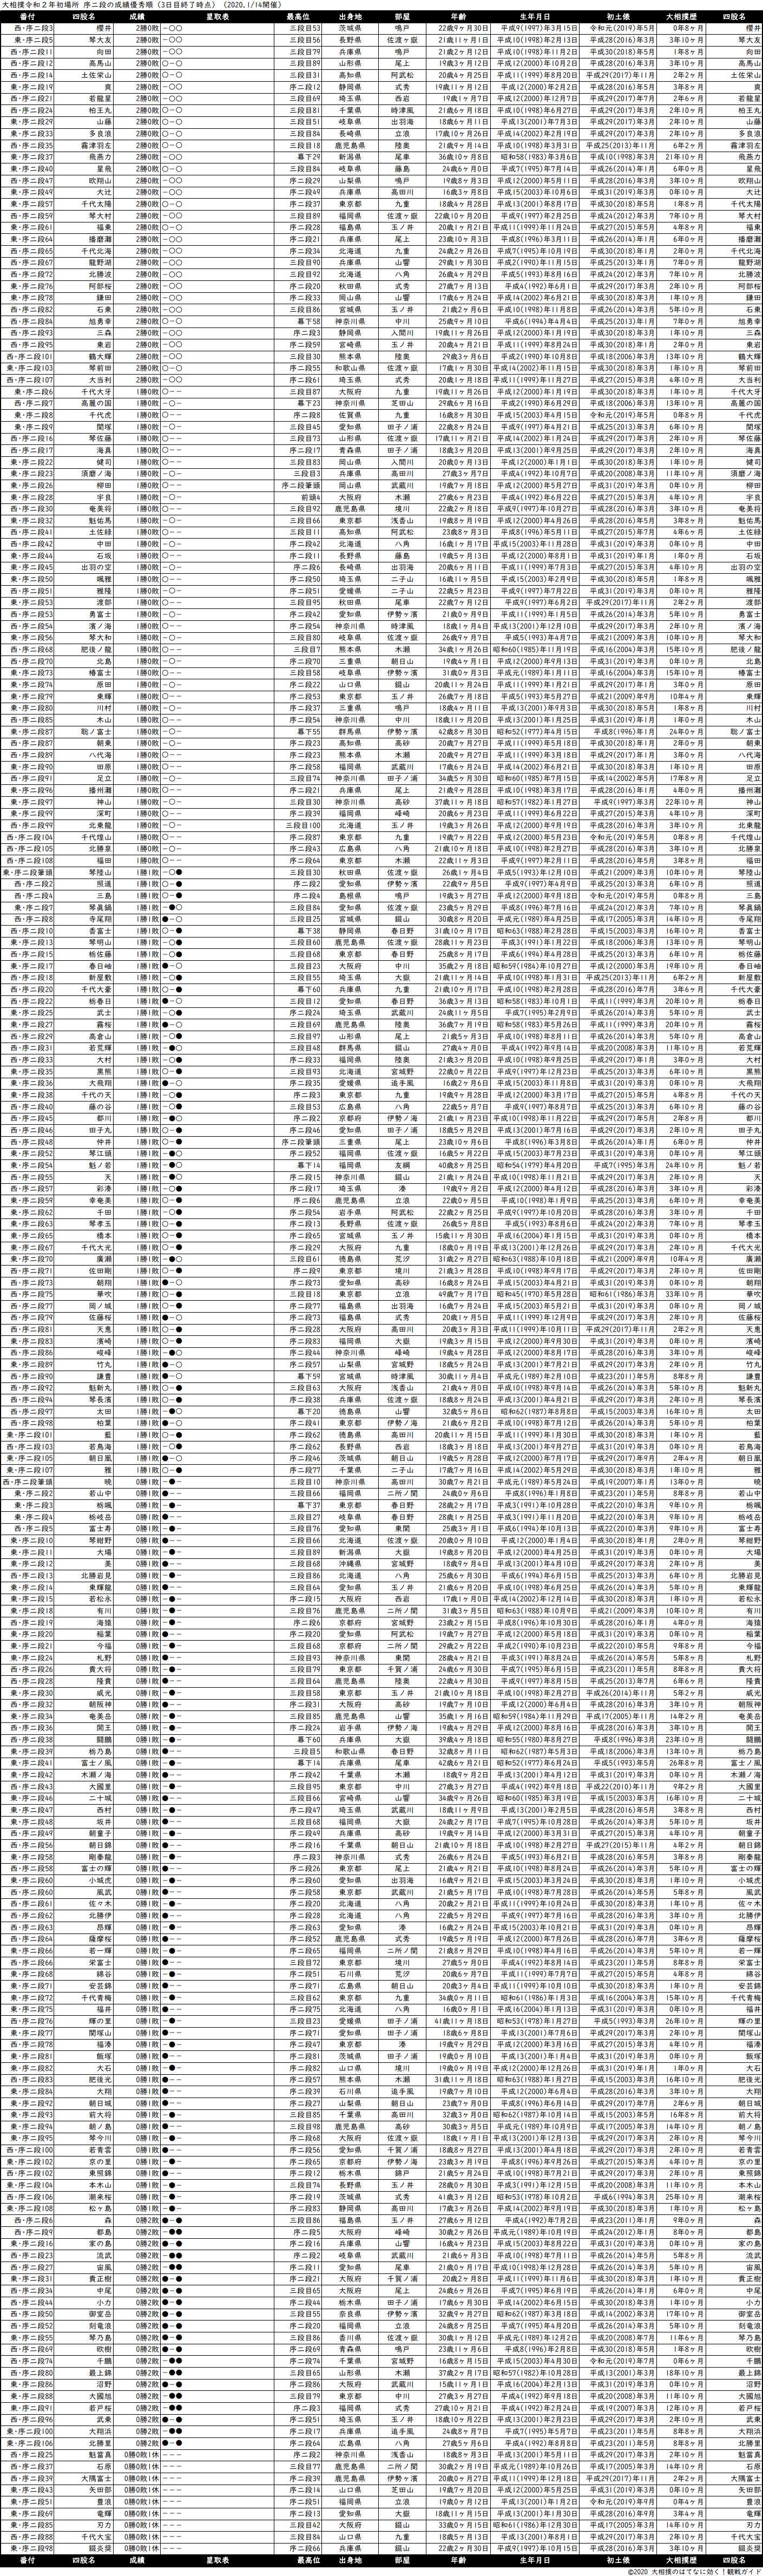 序二段成績順一覧表・2020年1月場所3日目